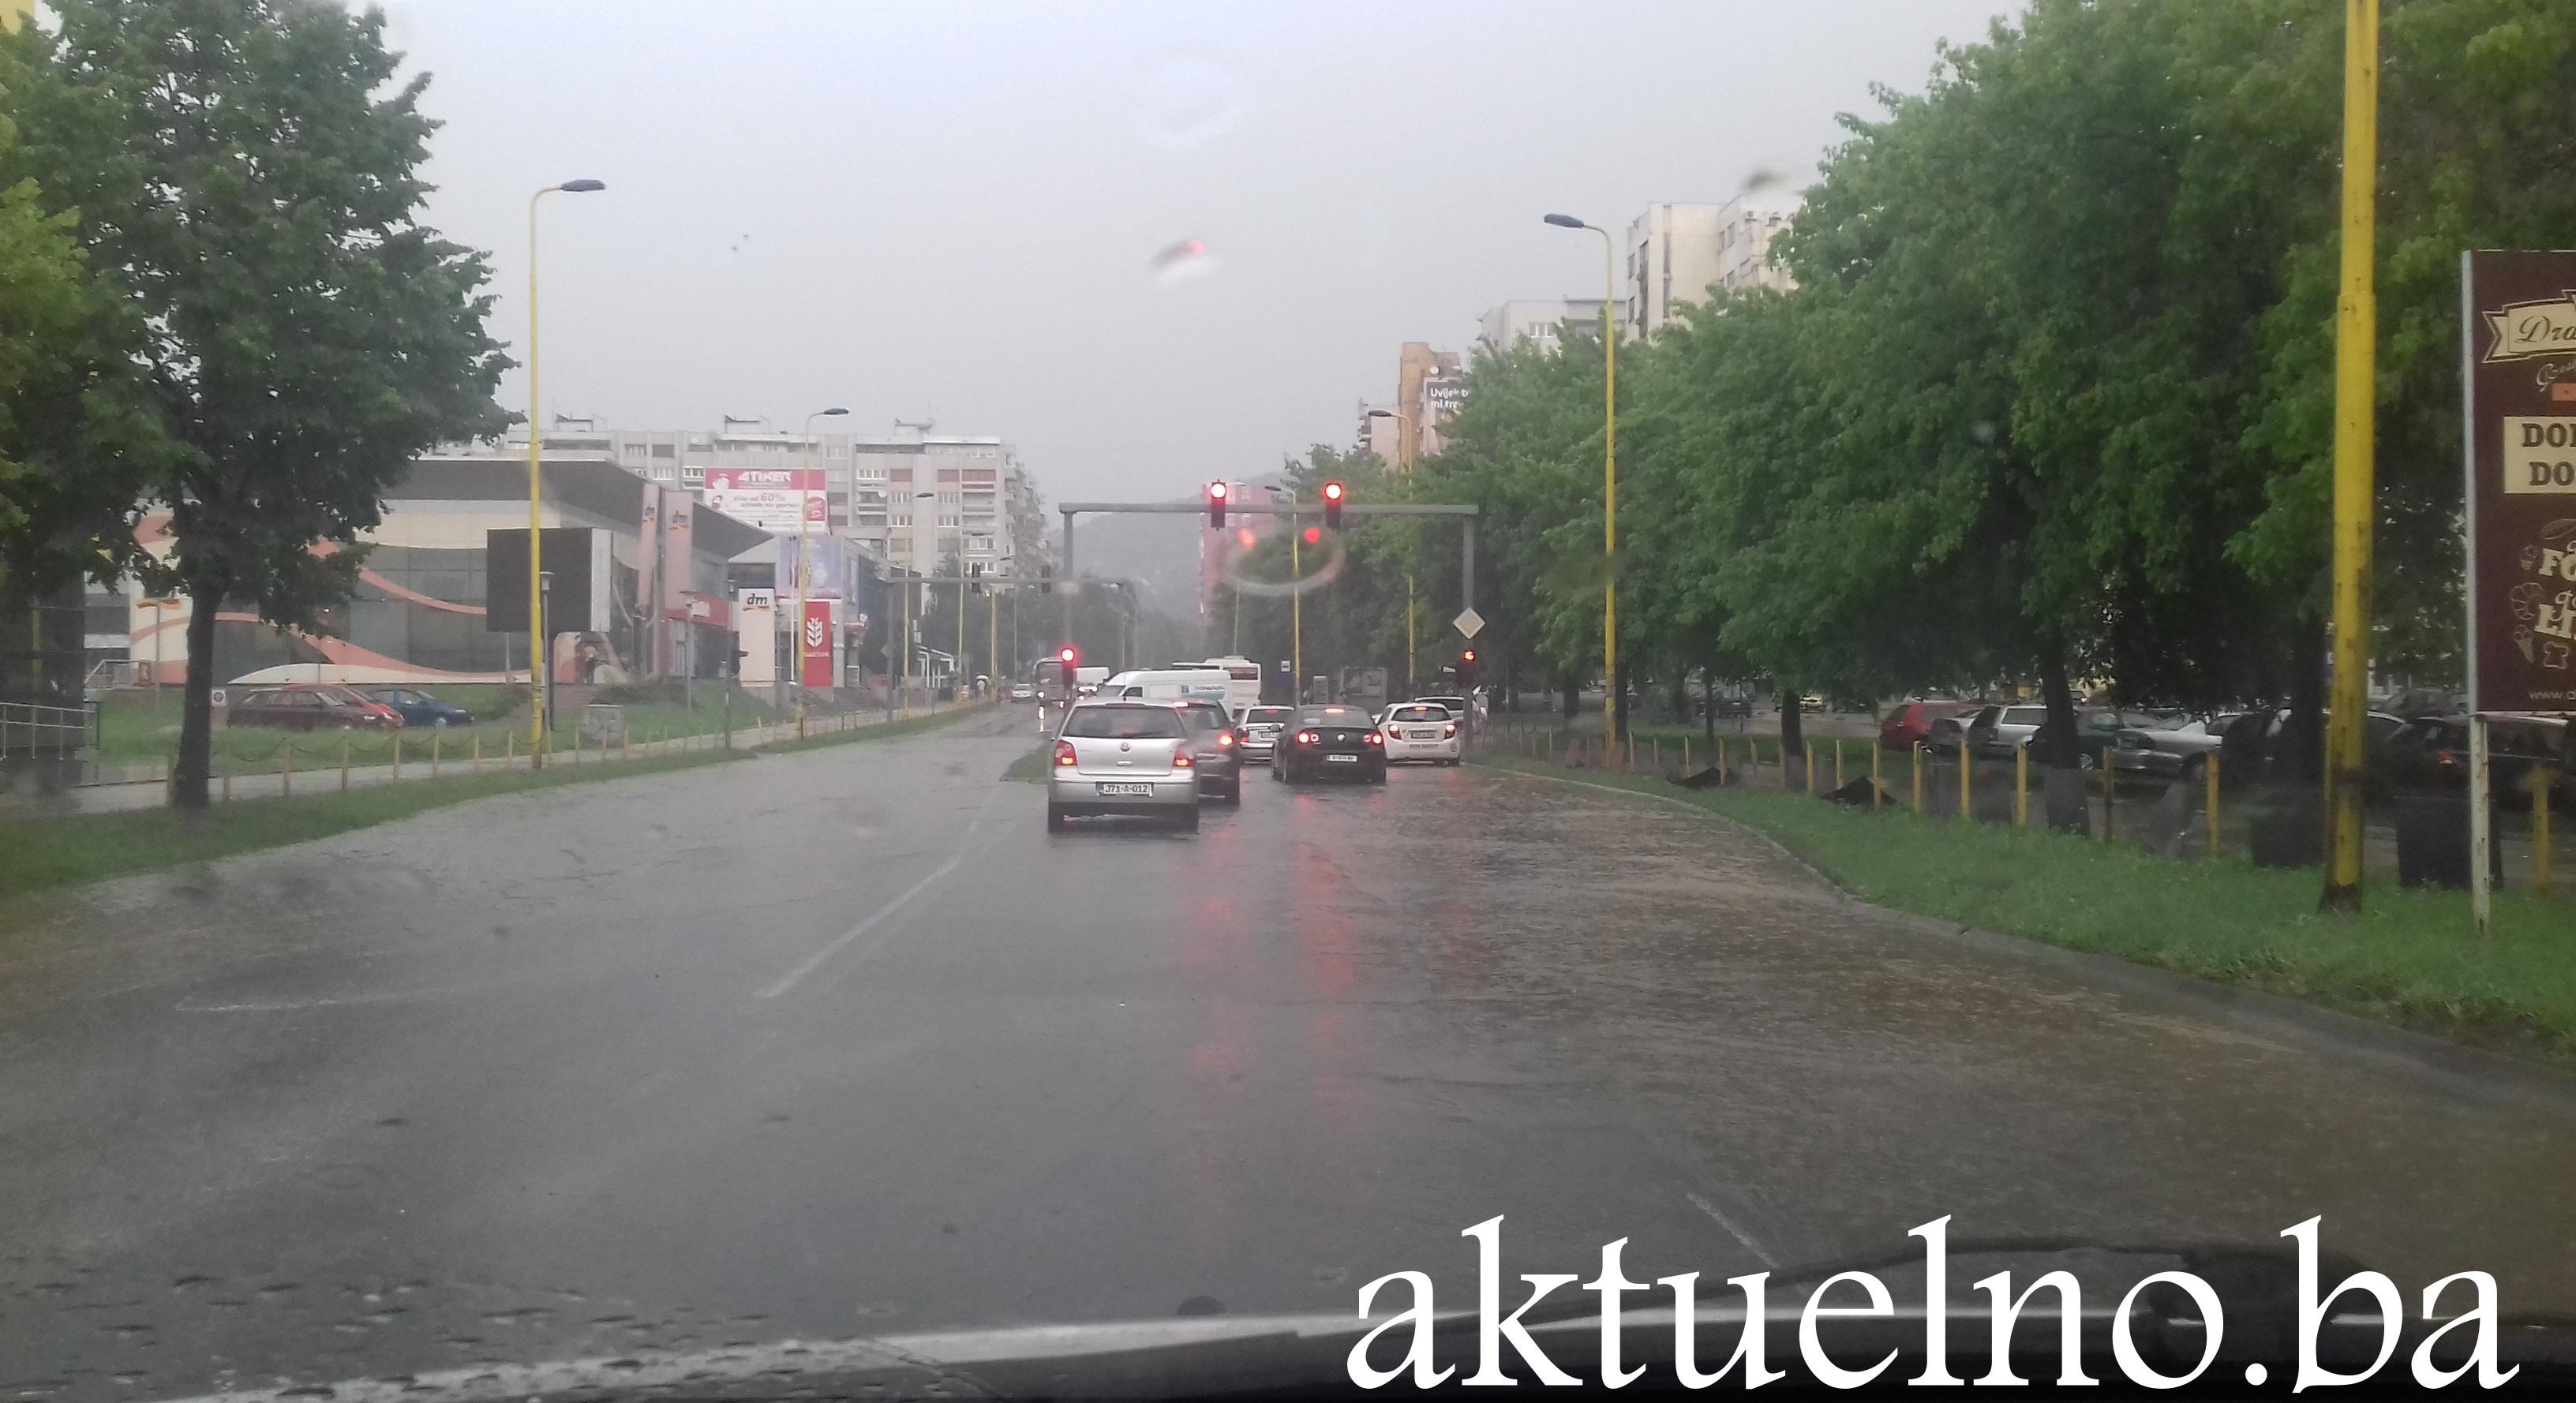 Raskrsnice u Tuzli nakon pljuska FOTO